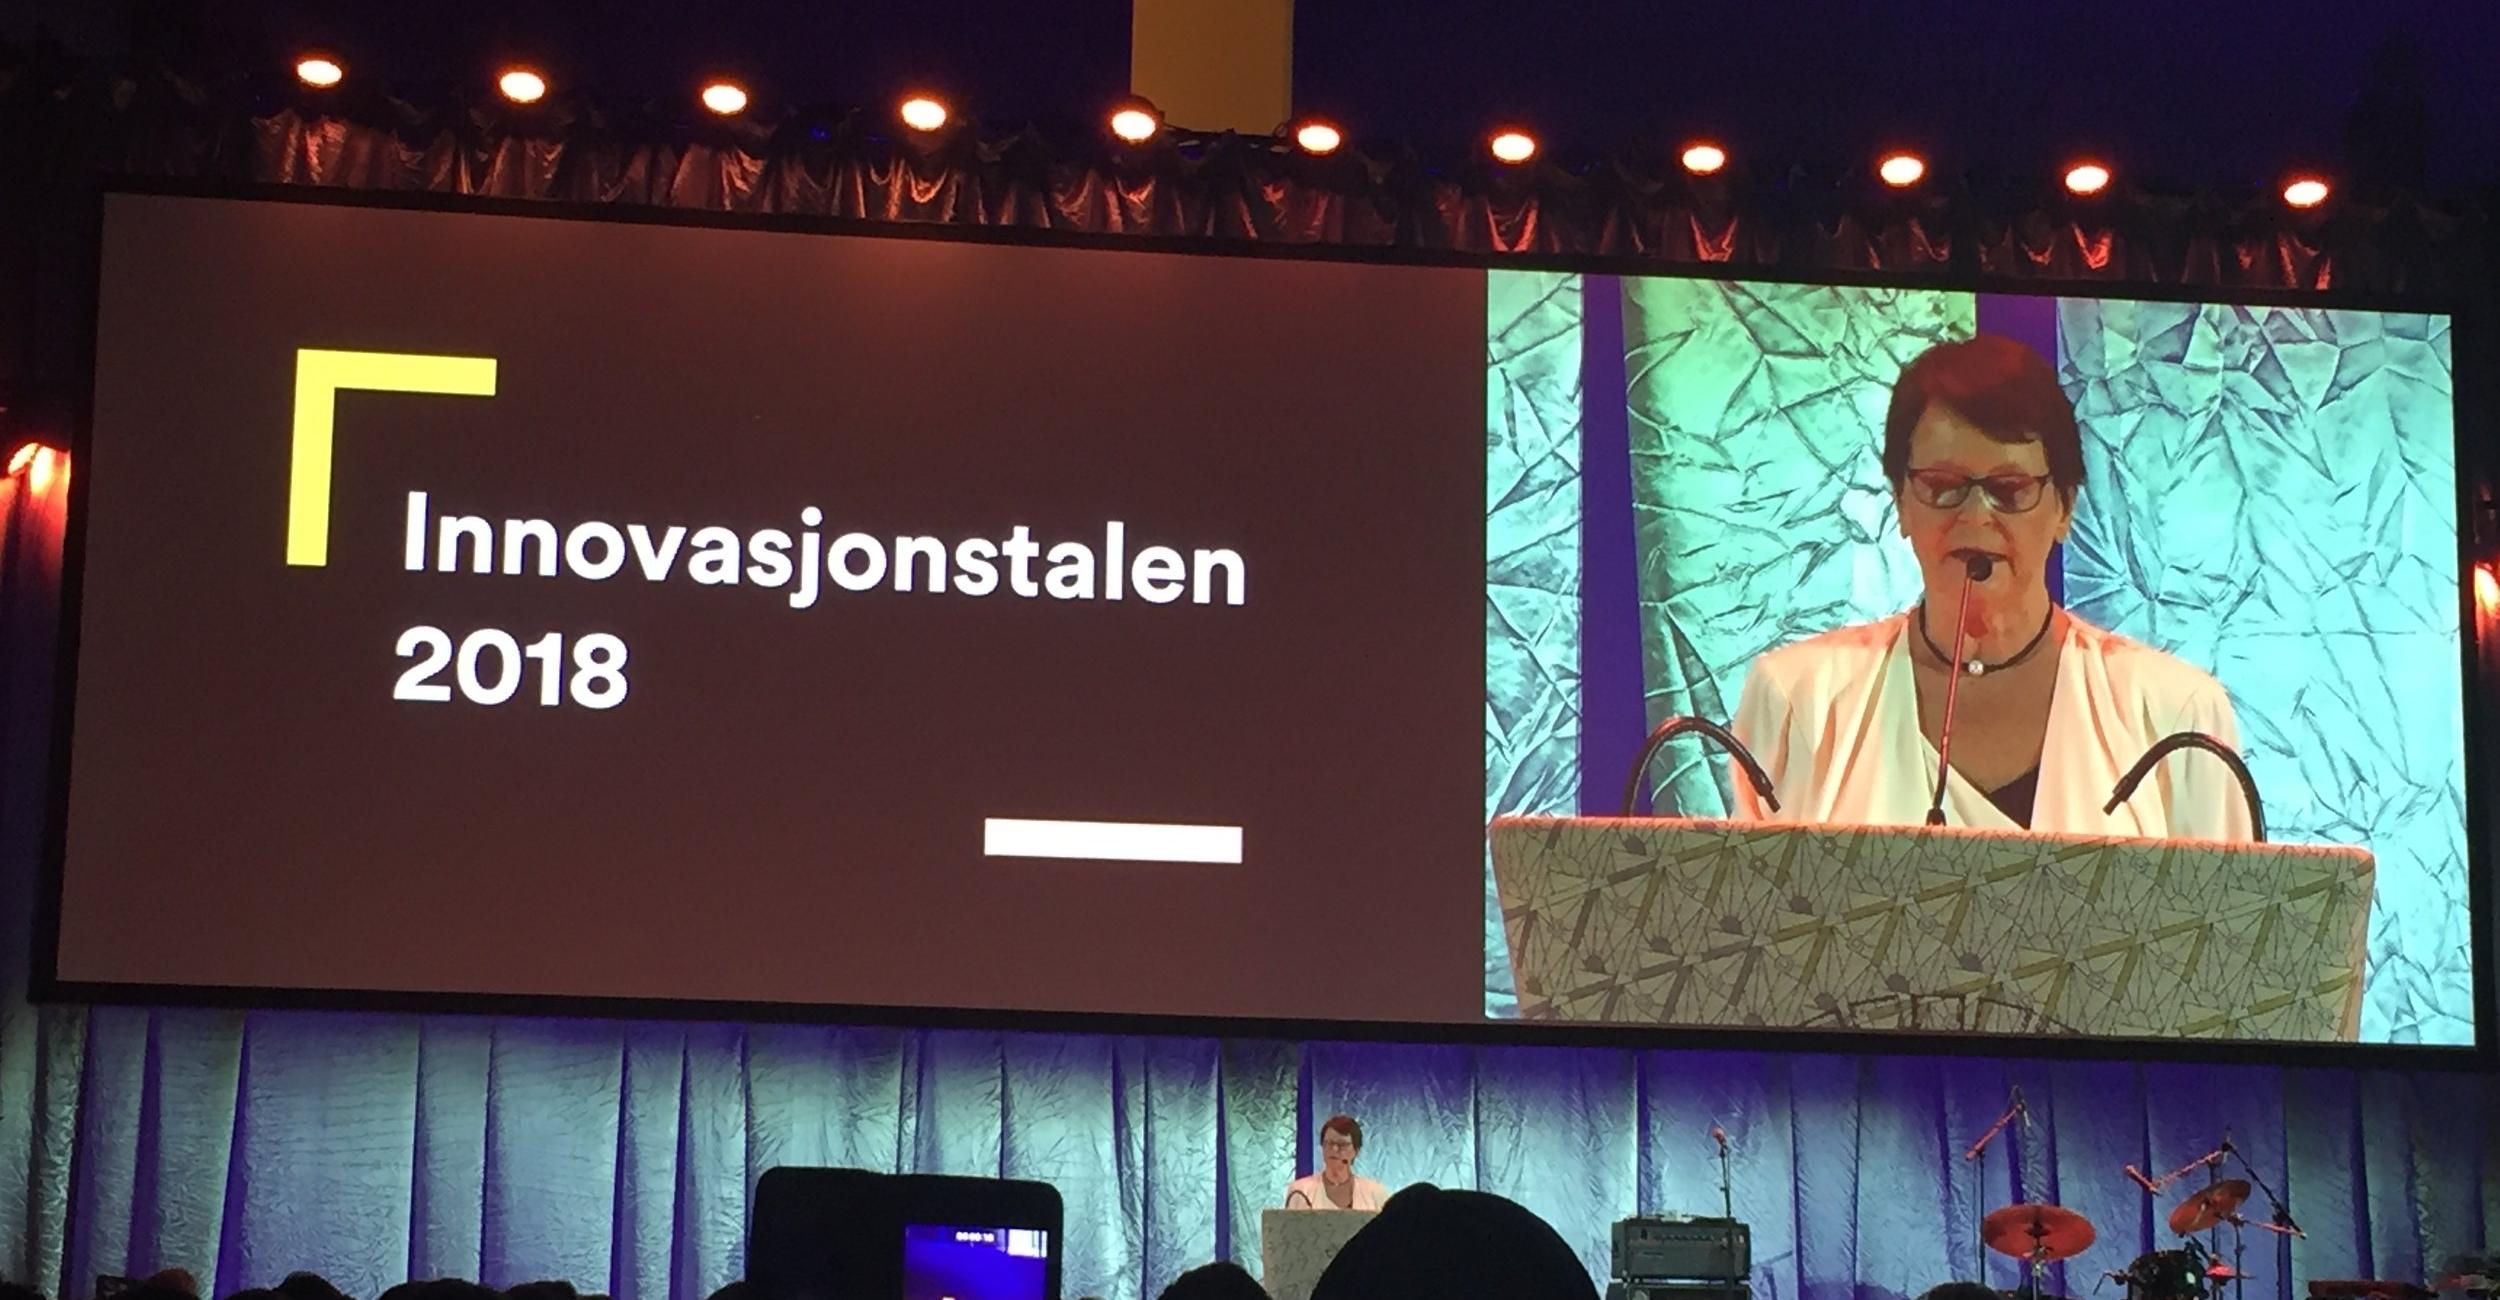 Tidligere statsminister Gro Harlem Brundtland, som ledet Verdenskommisjonen for miljø og utvikling, var en av innlederne.